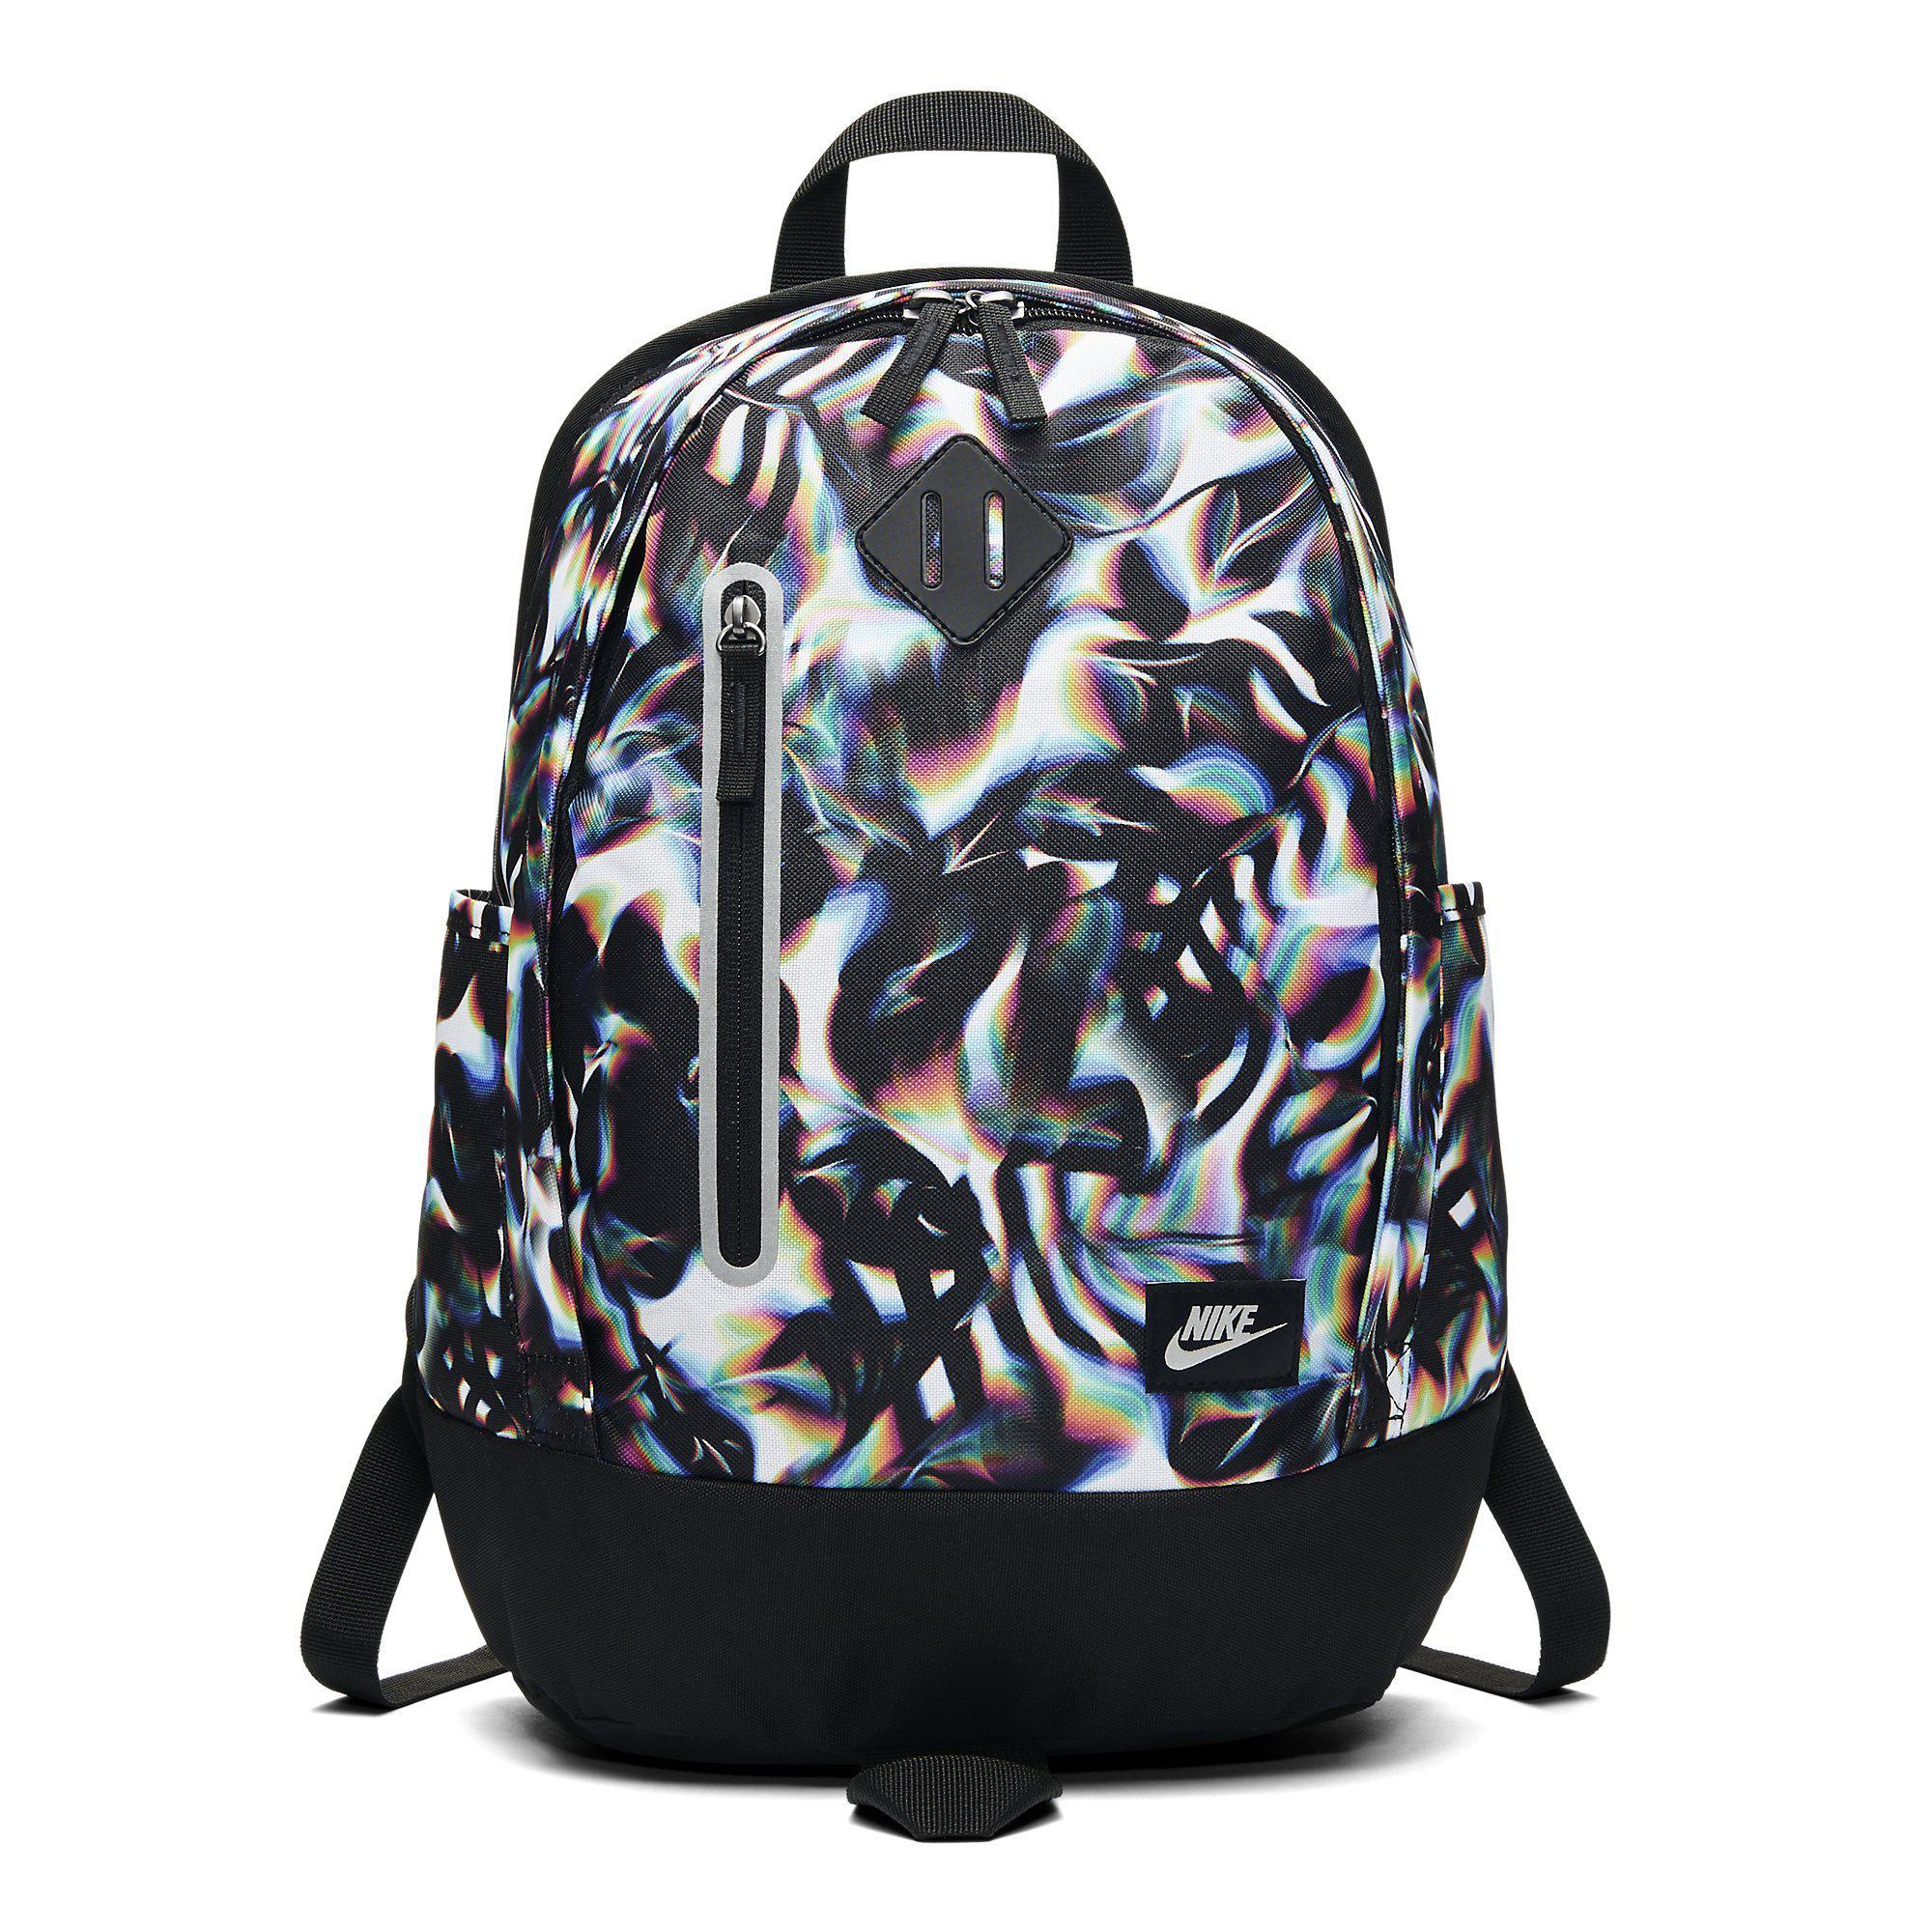 Nike Cheyenne Print Kids Backpack - White Black - Tennisnuts.com c981ccff62564